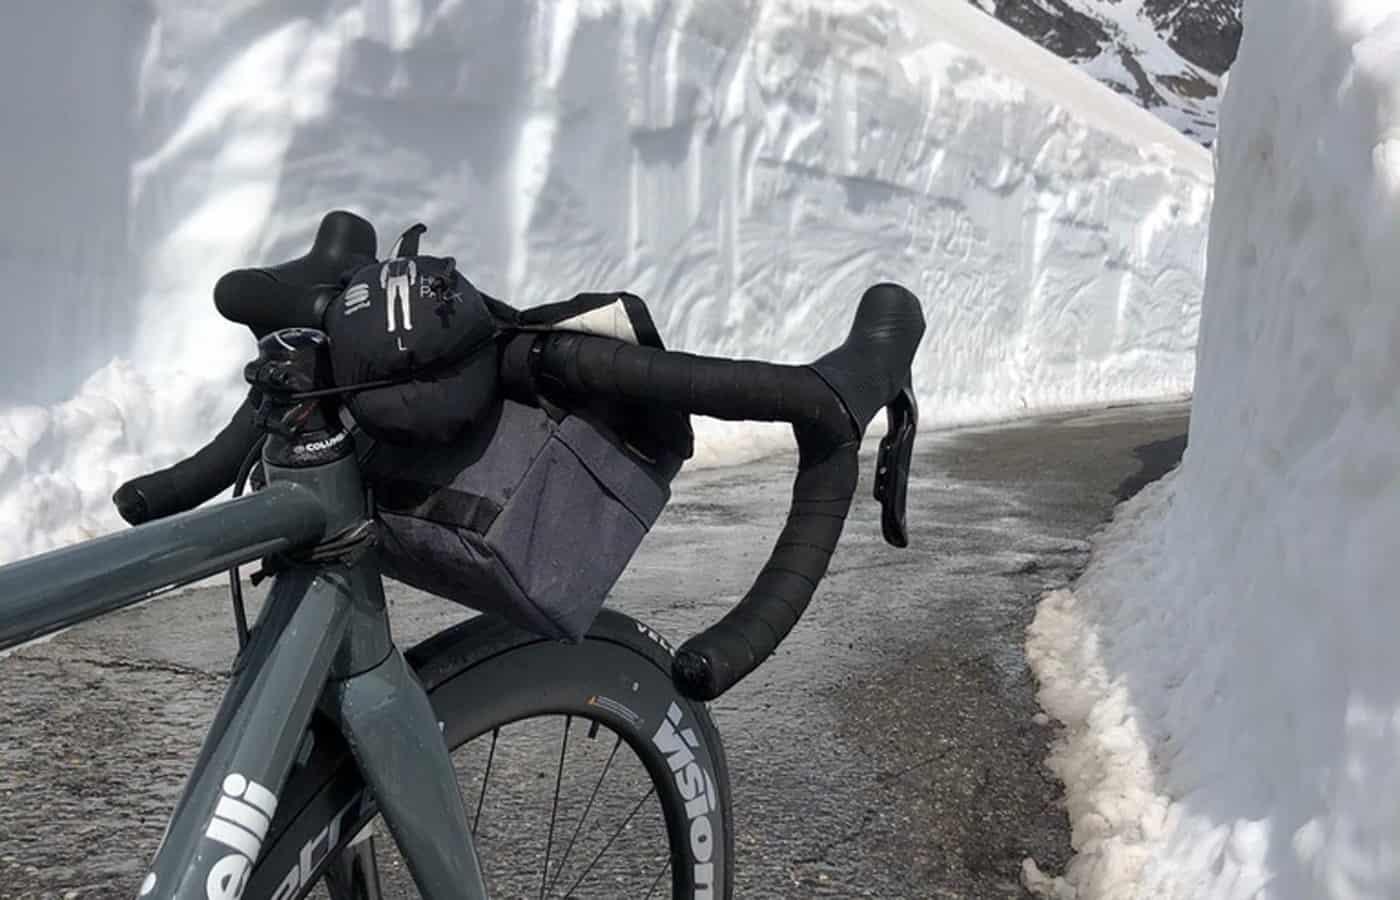 Frenare in bicicletta